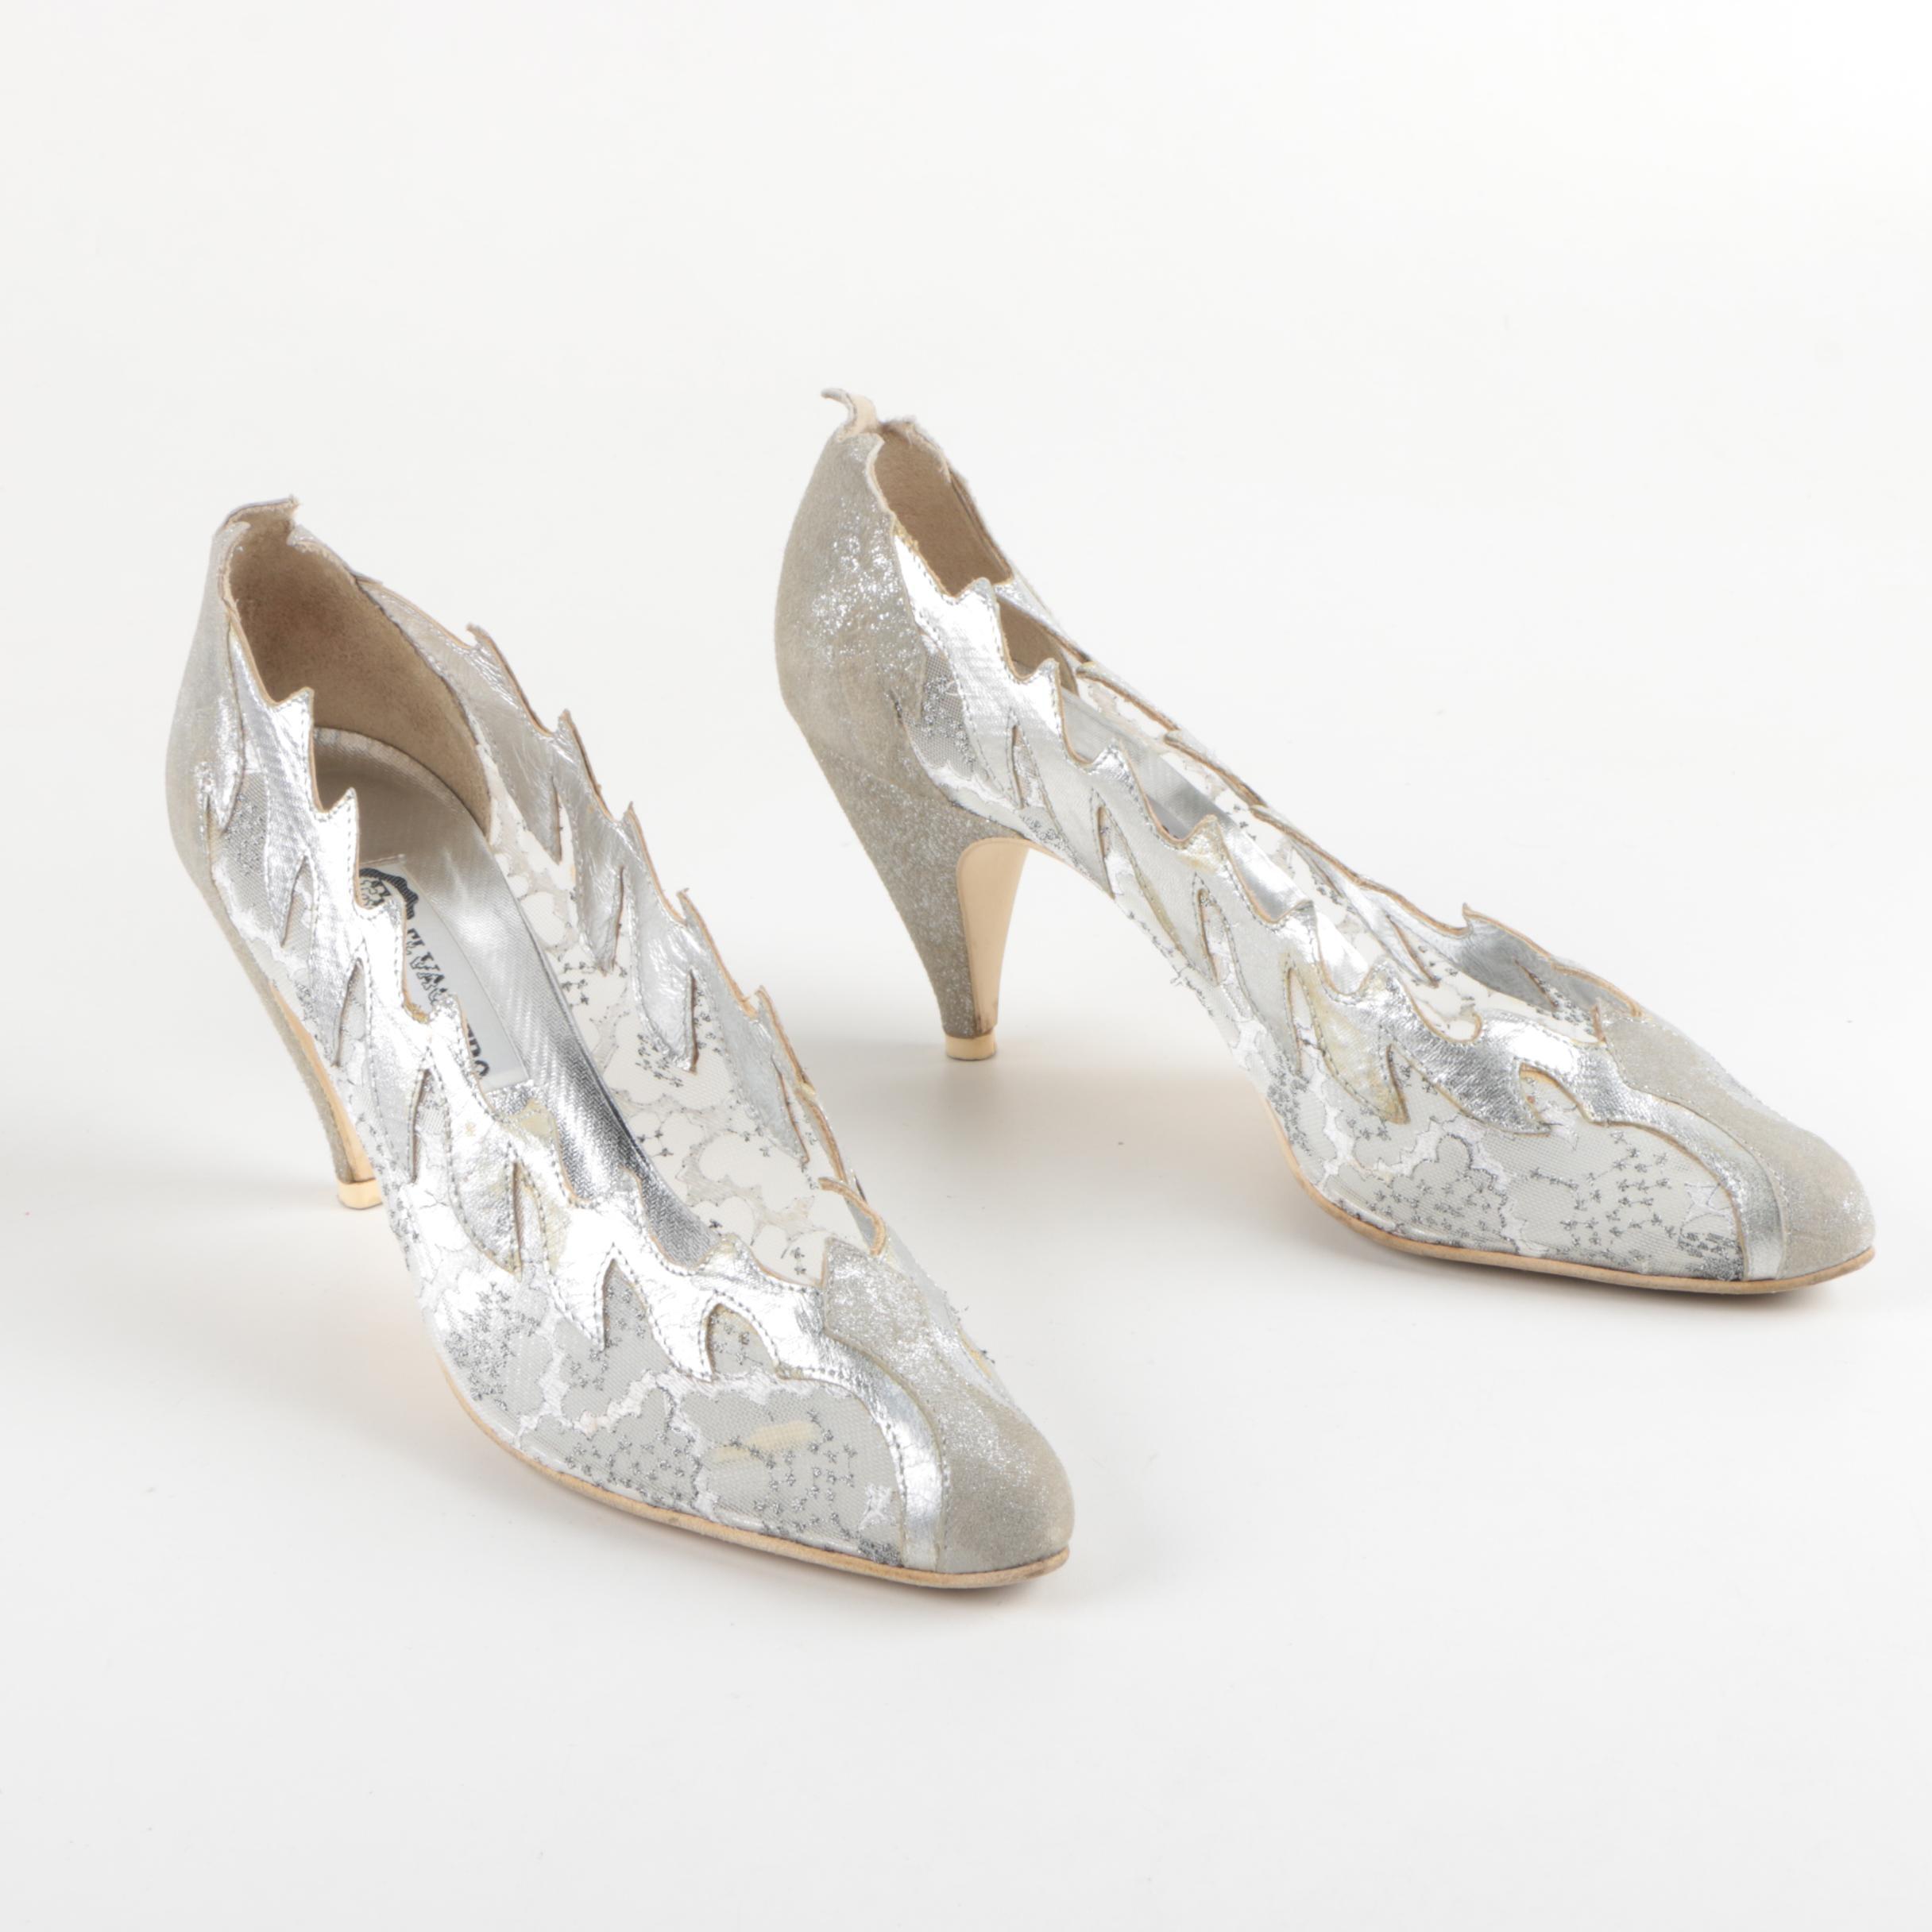 Vintage El Vaquero Silver Tone Leather and Mesh Heels